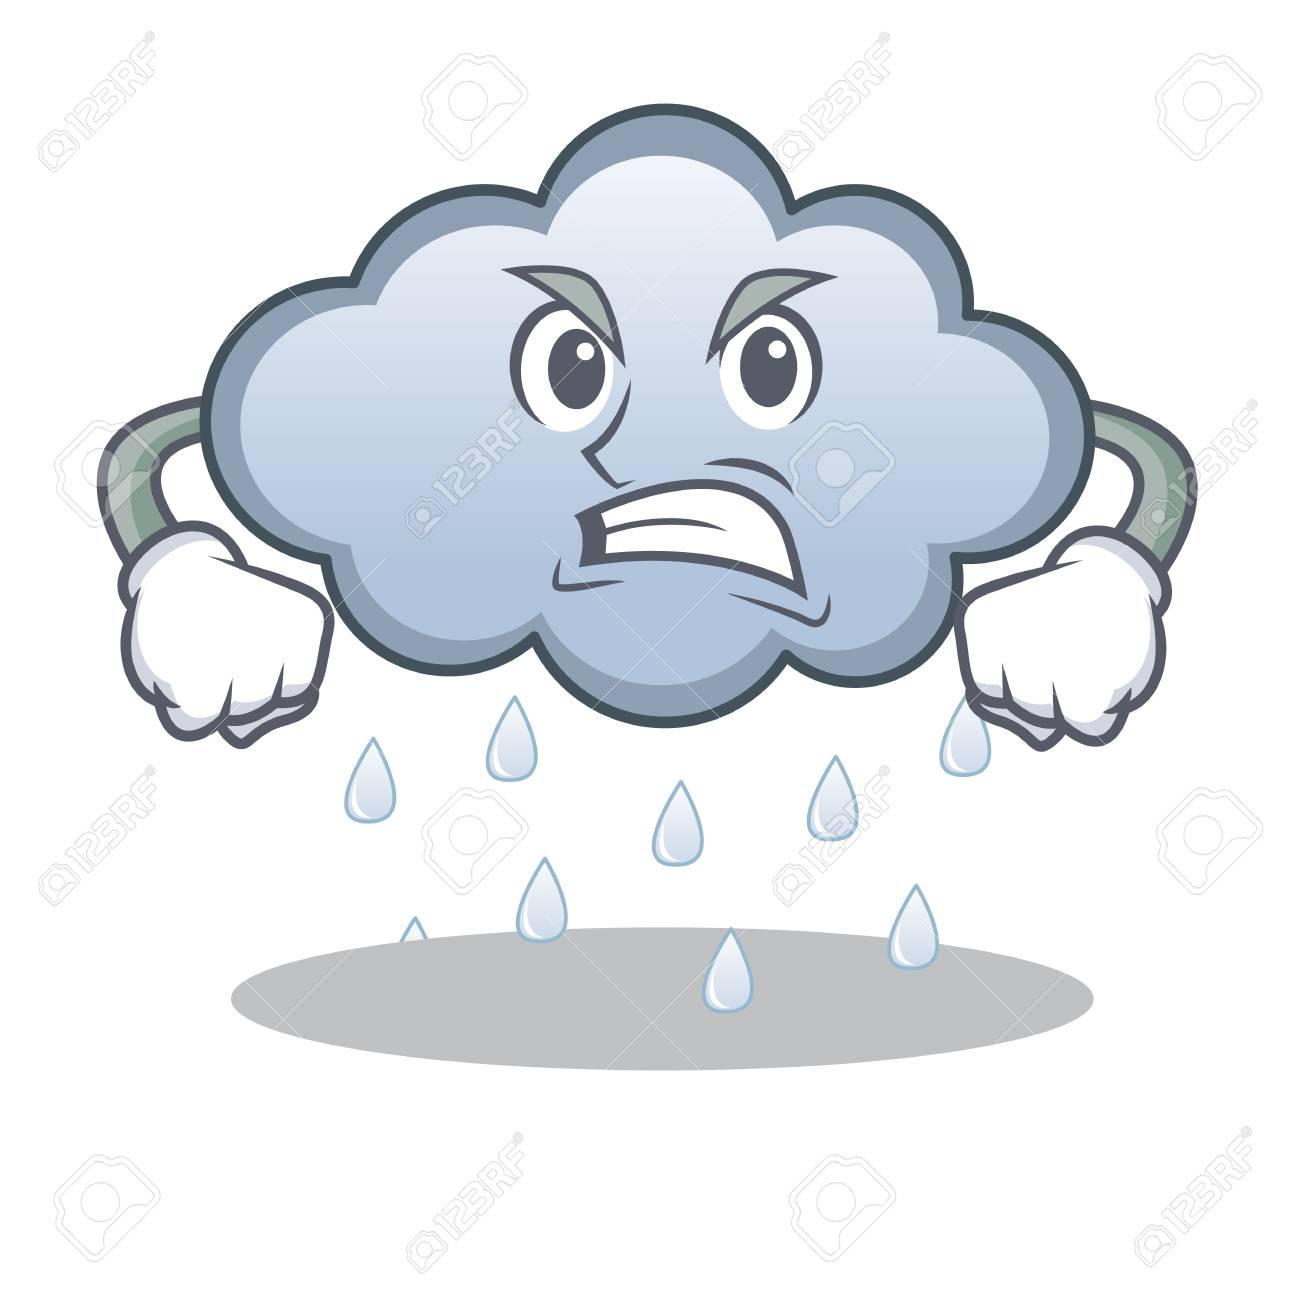 angry rain cloud character cartoon royalty free cliparts vectors rh 123rf com cartoon rain cloud over head cartoon character rain cloud over head